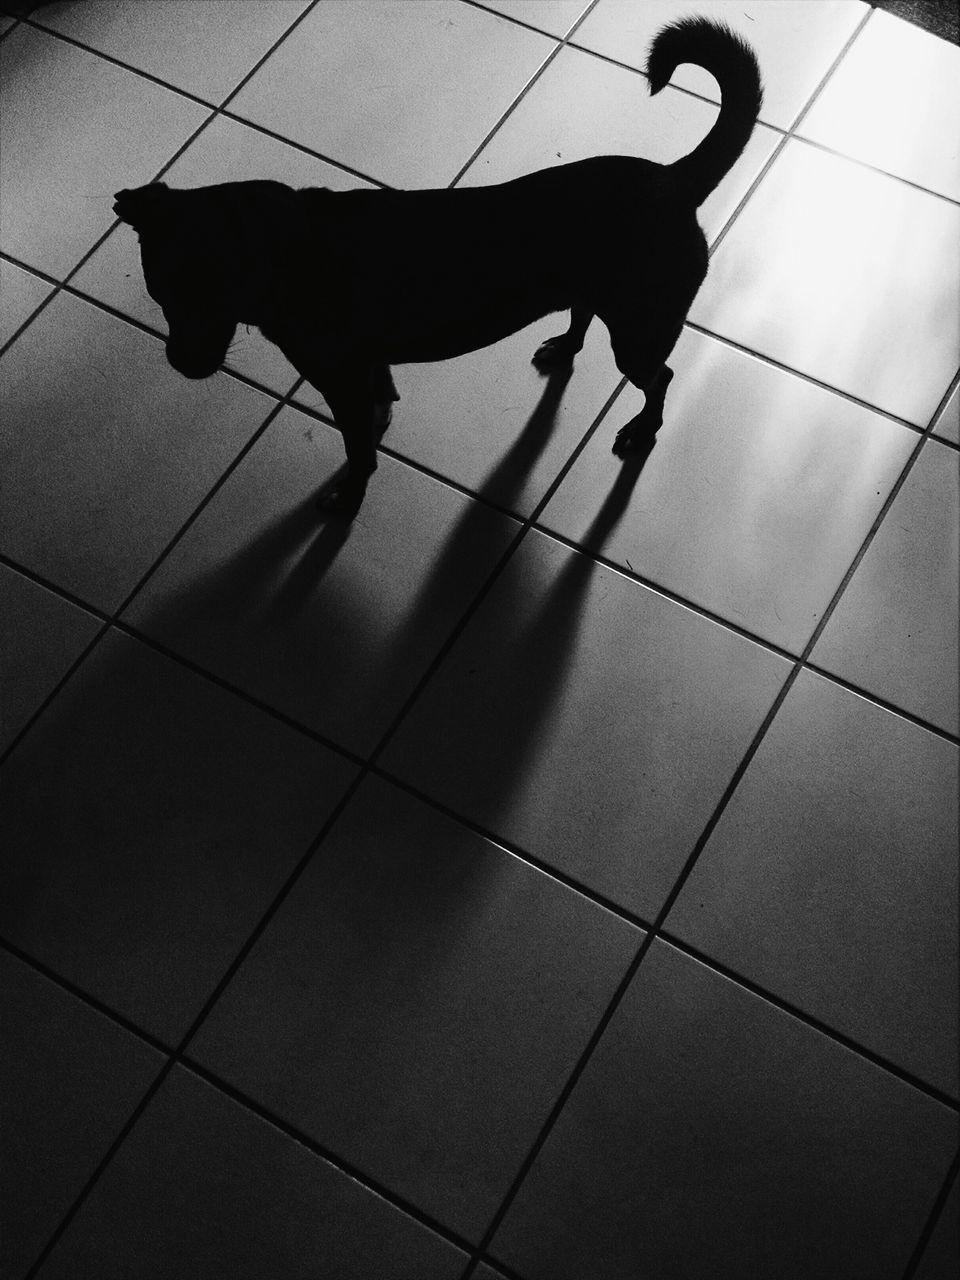 High Angle View Of Dog On Tiled Floor